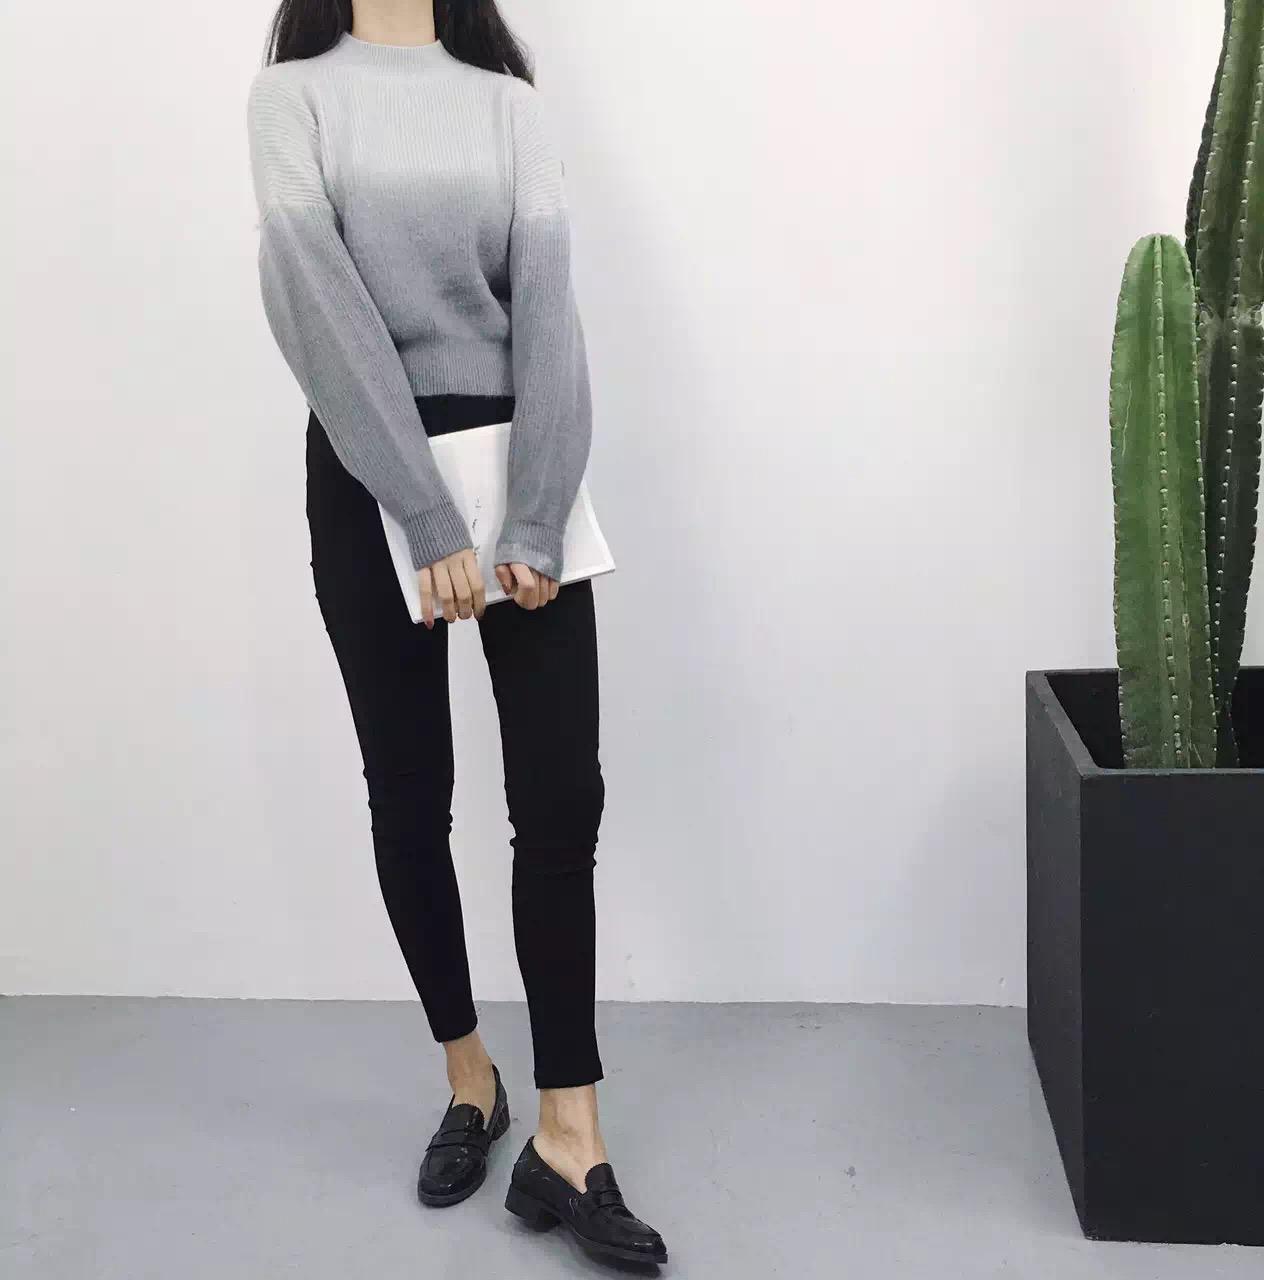 2015新款粗毛线短款加厚毛衣高领混色外套女冬长袖针织衫宽松套头